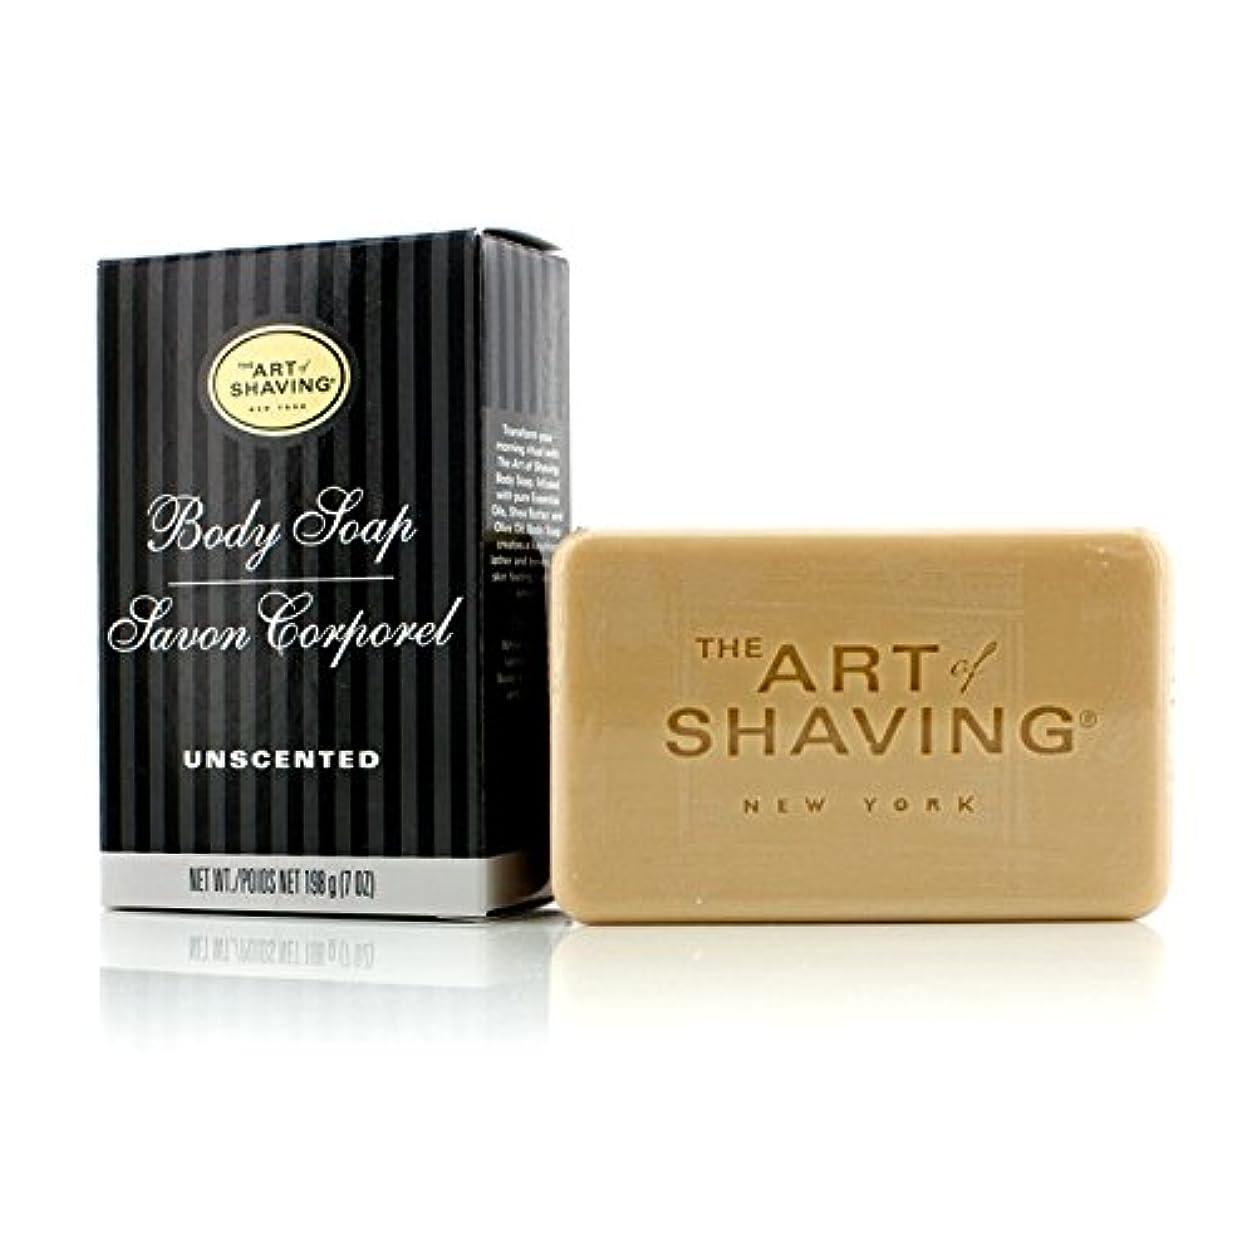 凝視スイングストレッチアートオブシェービング Body Soap - Unscented 198g/7oz並行輸入品